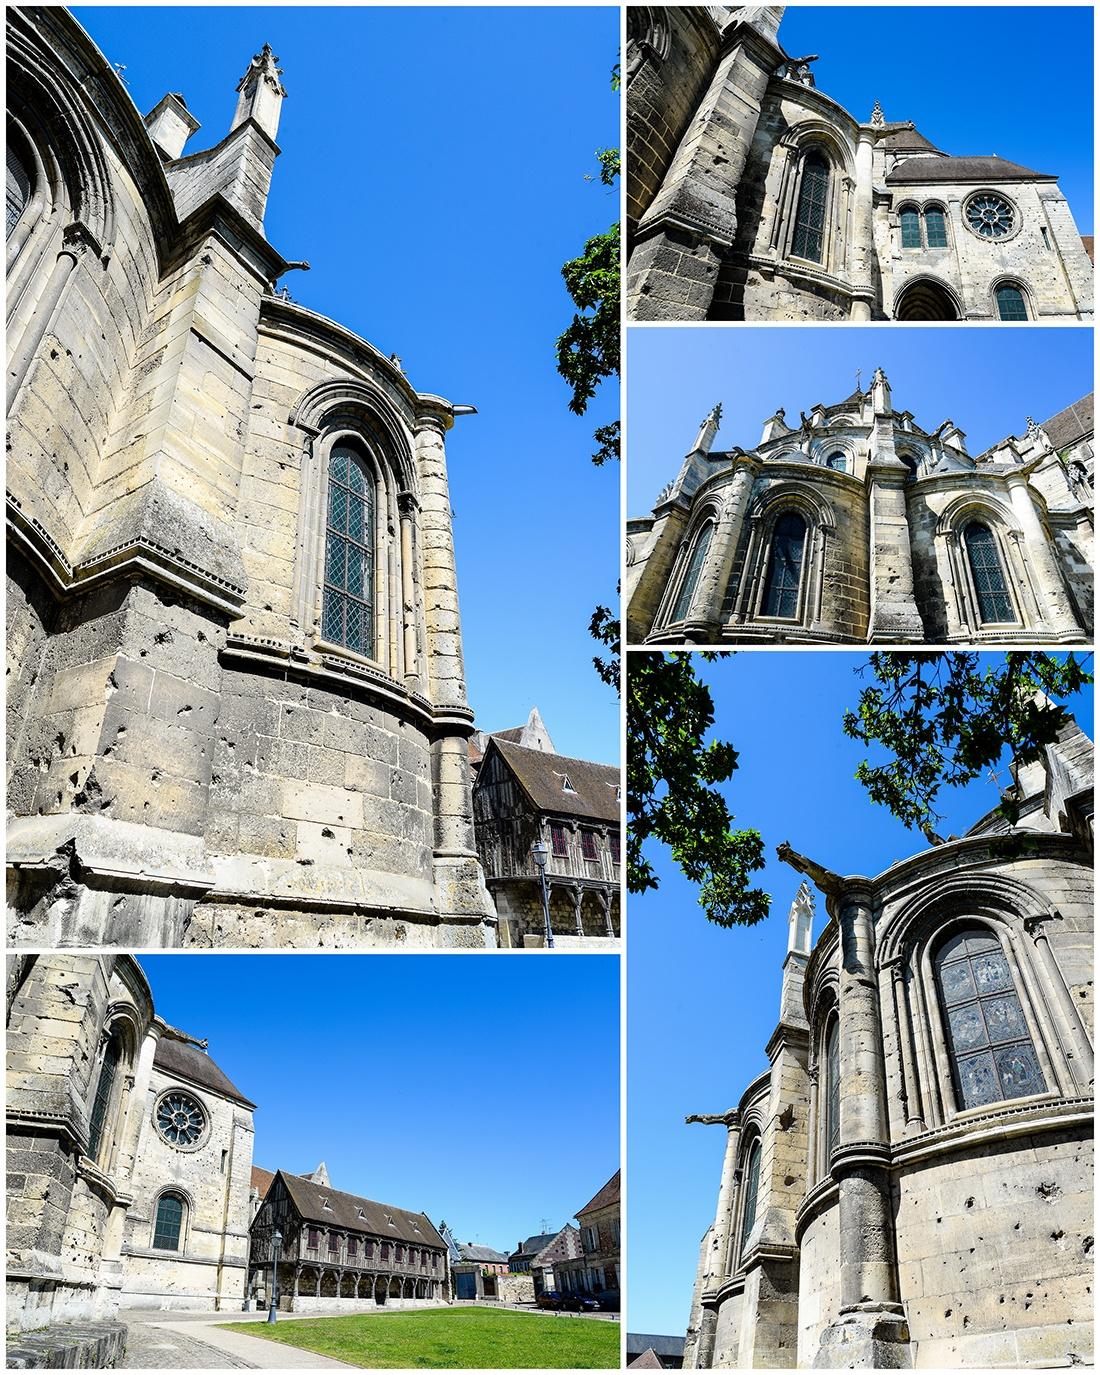 cathédrale de Noyon, traces d'obus